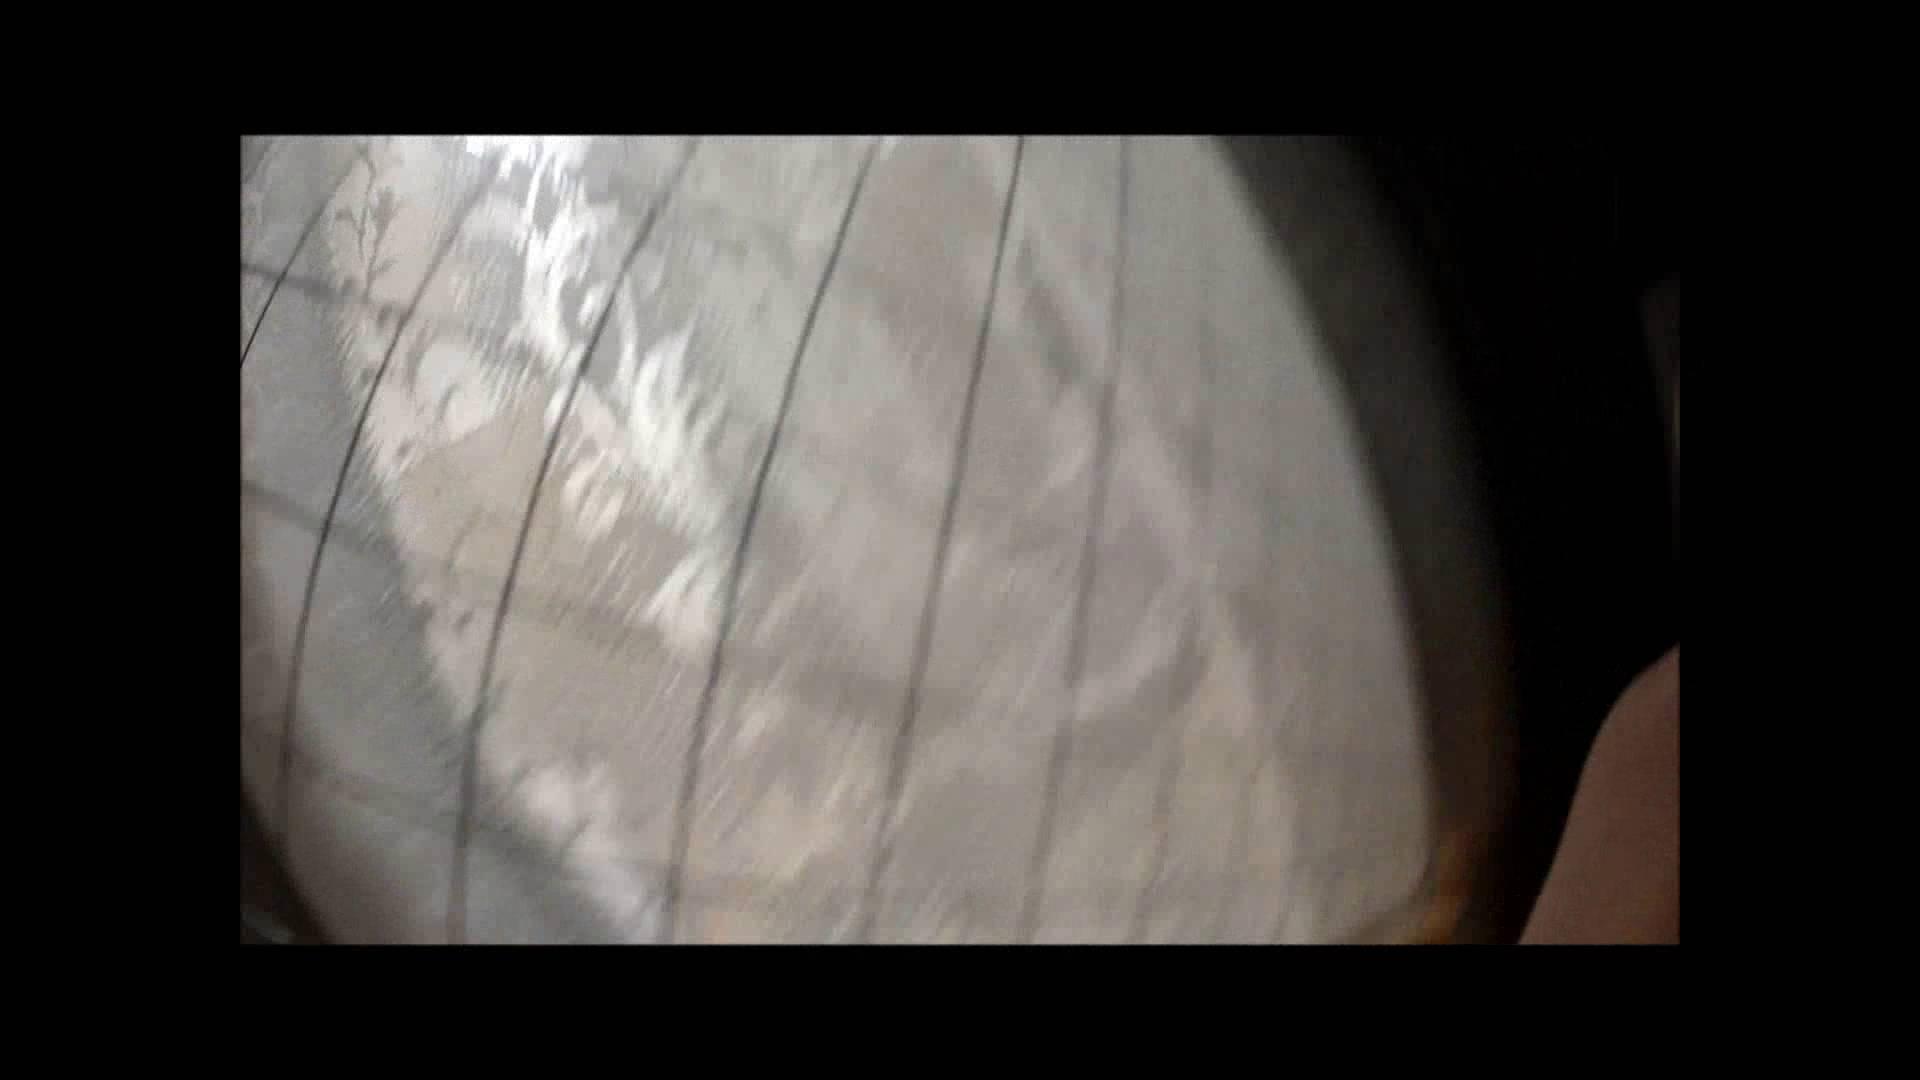 【04】別の日・・・魚眼レンズで広角に撮れました。 Hな熟女 えろ無修正画像 111pic 103